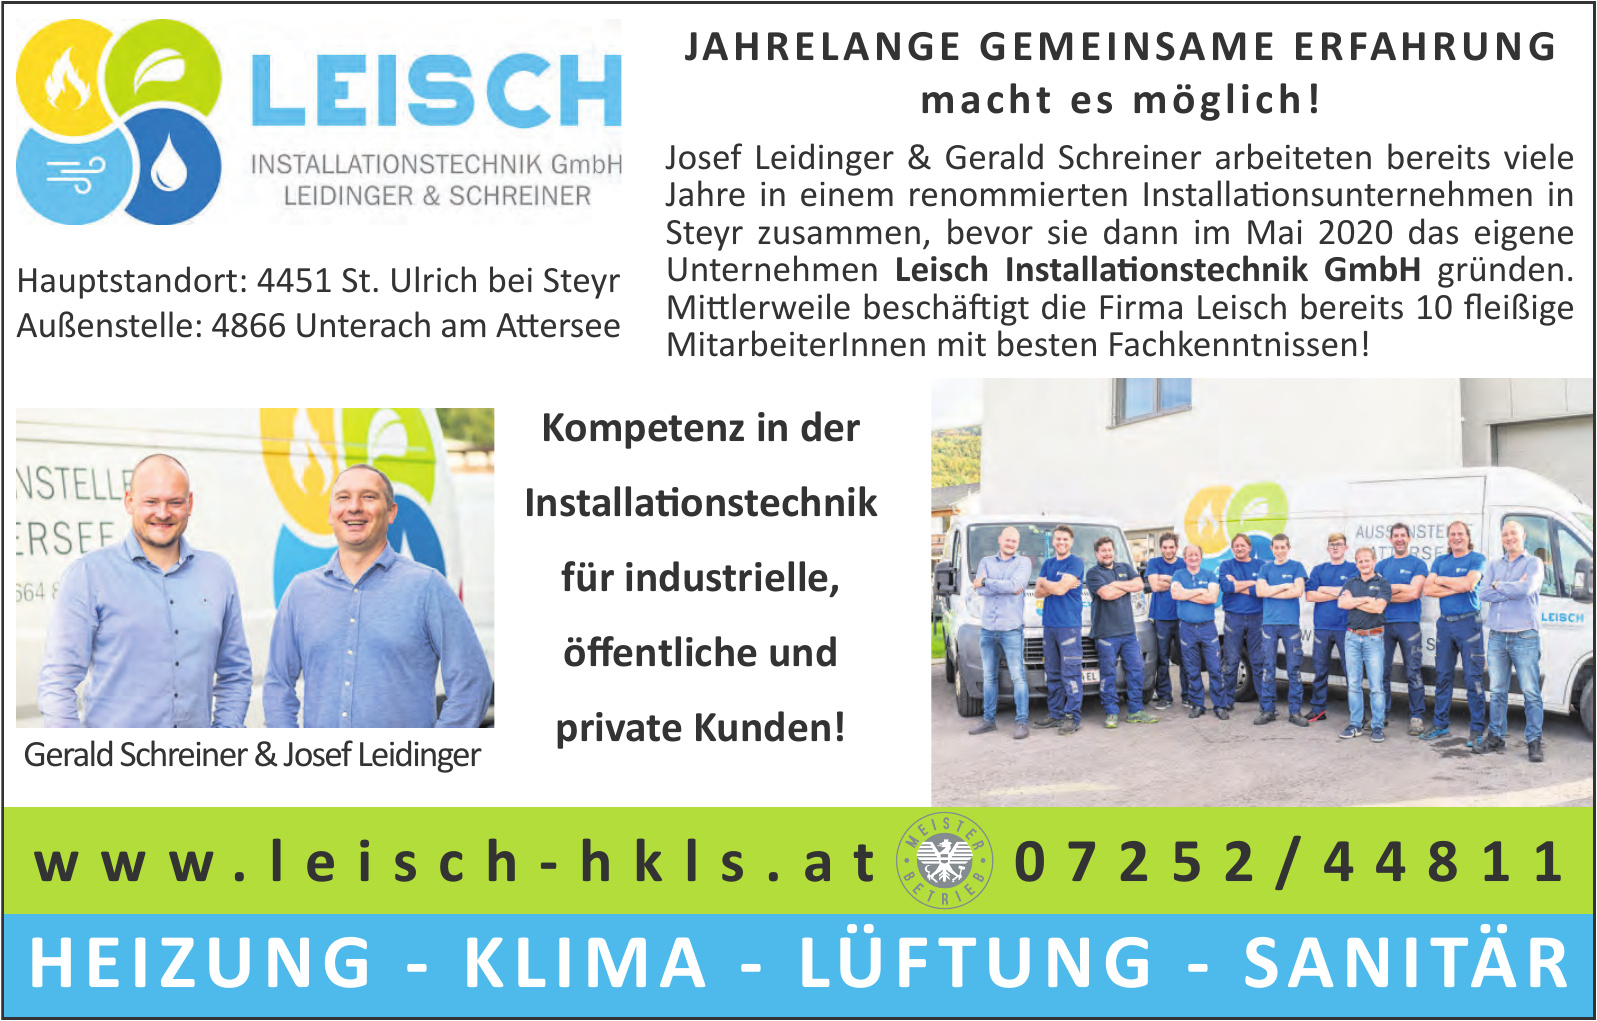 Leisch Installationstechnik GmbH